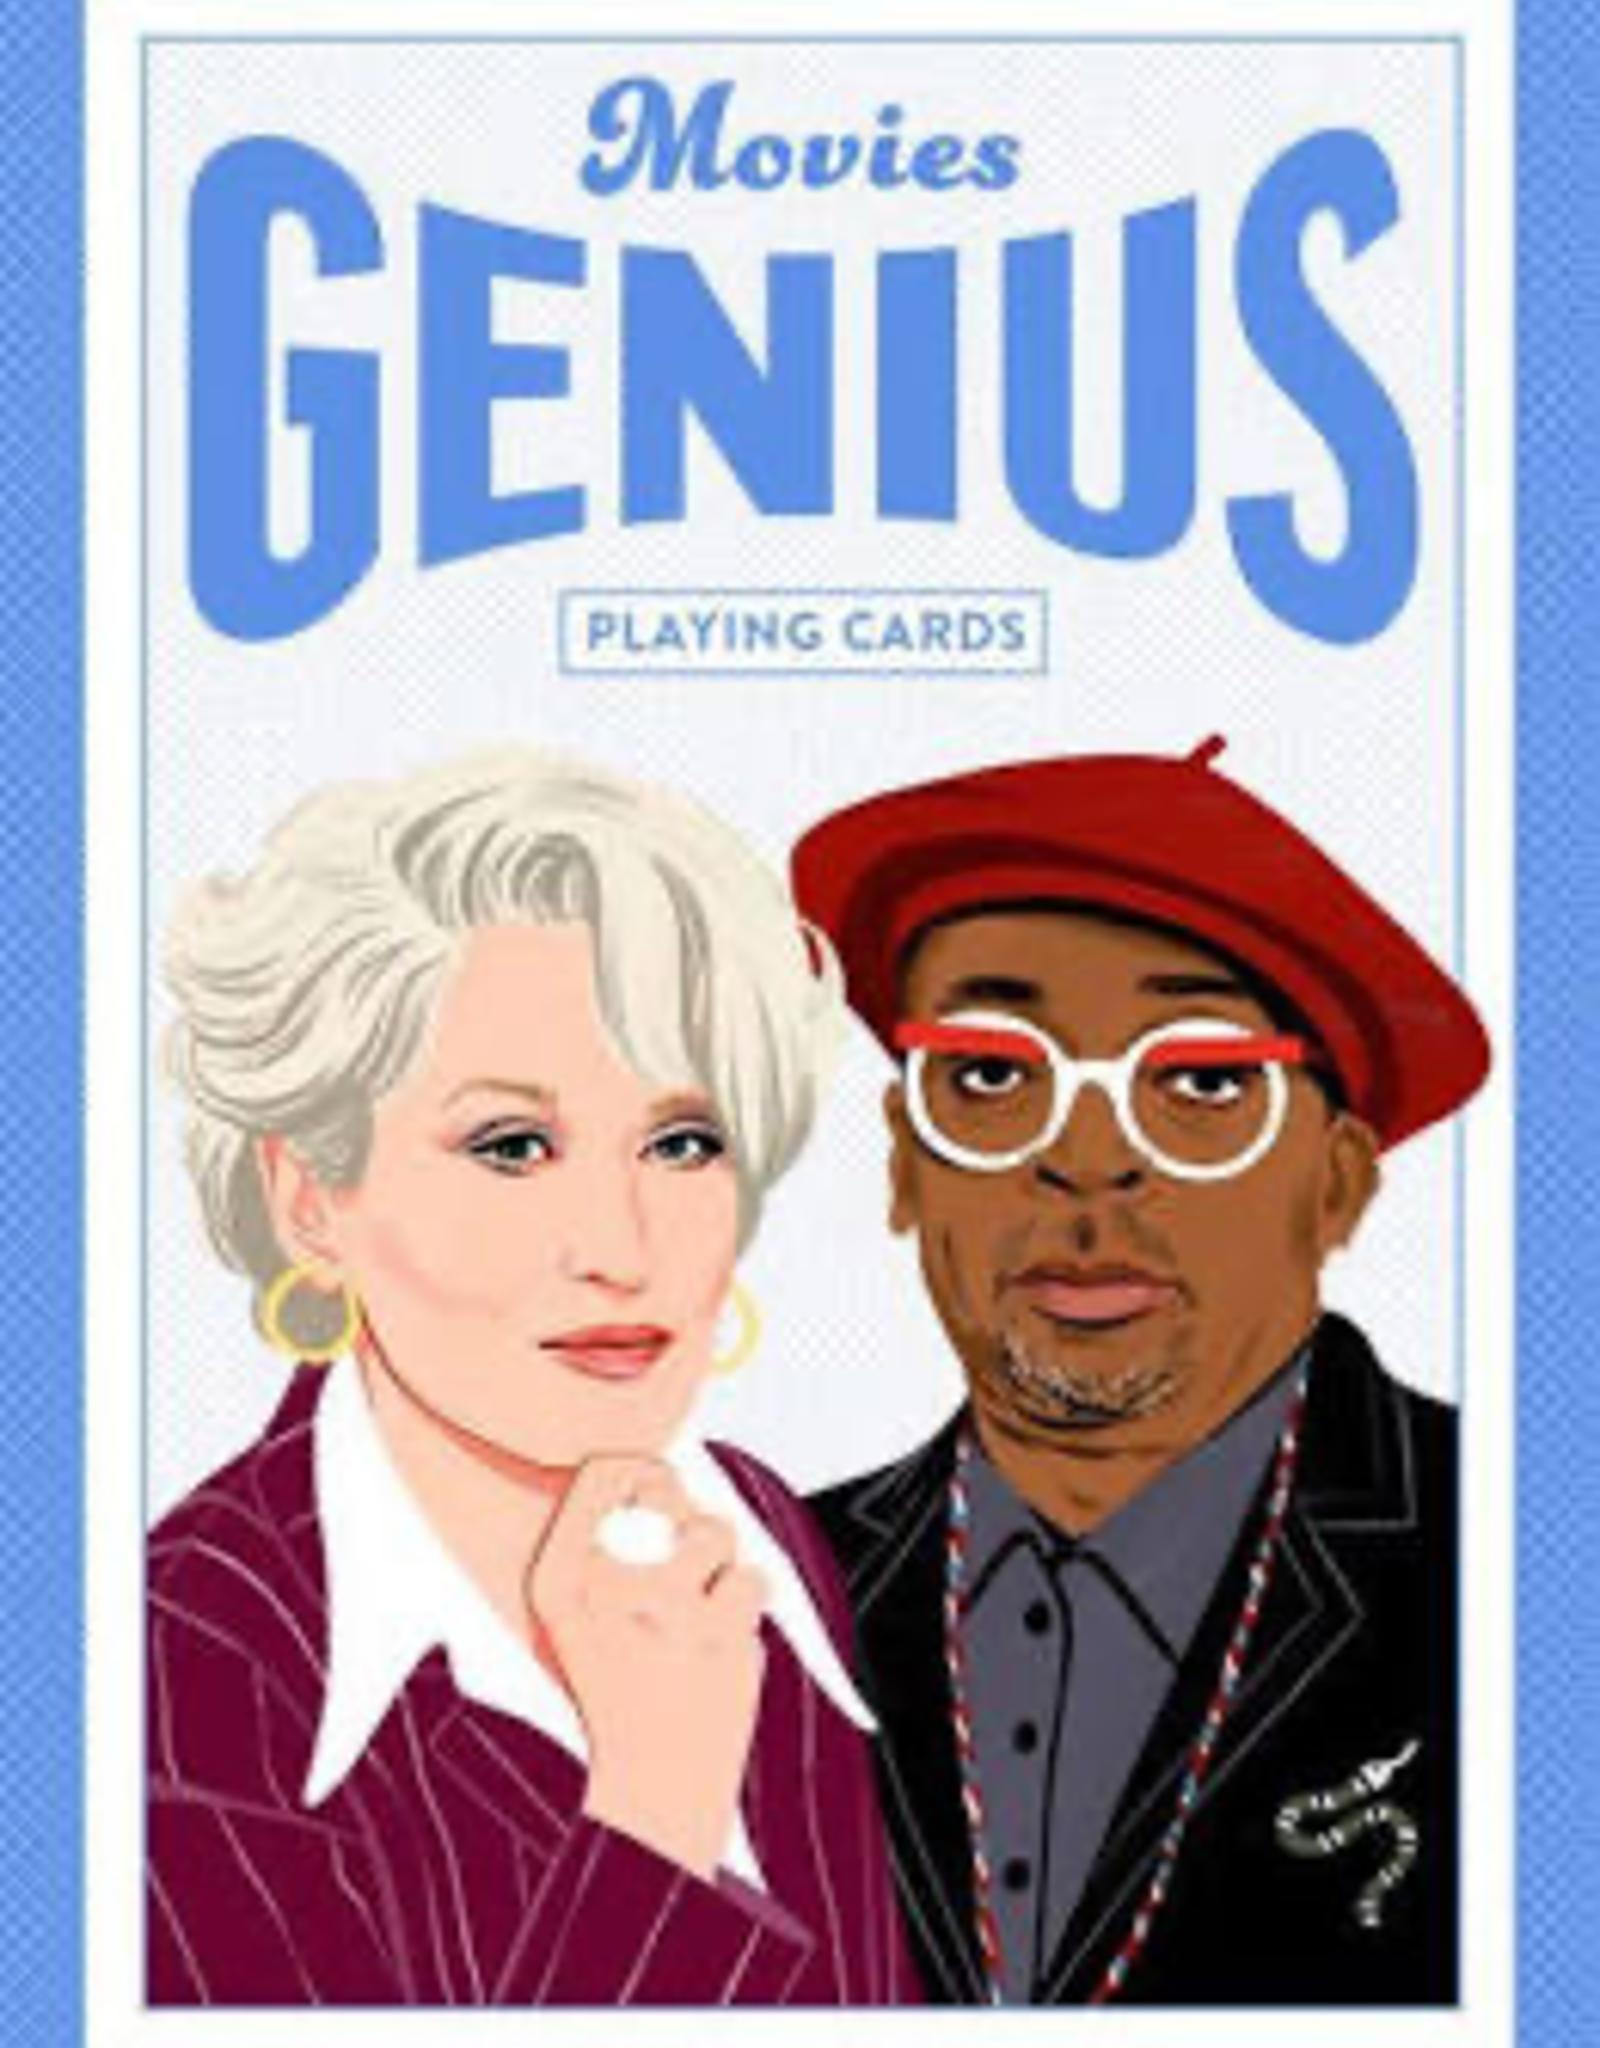 Movies Genius Playing Cards